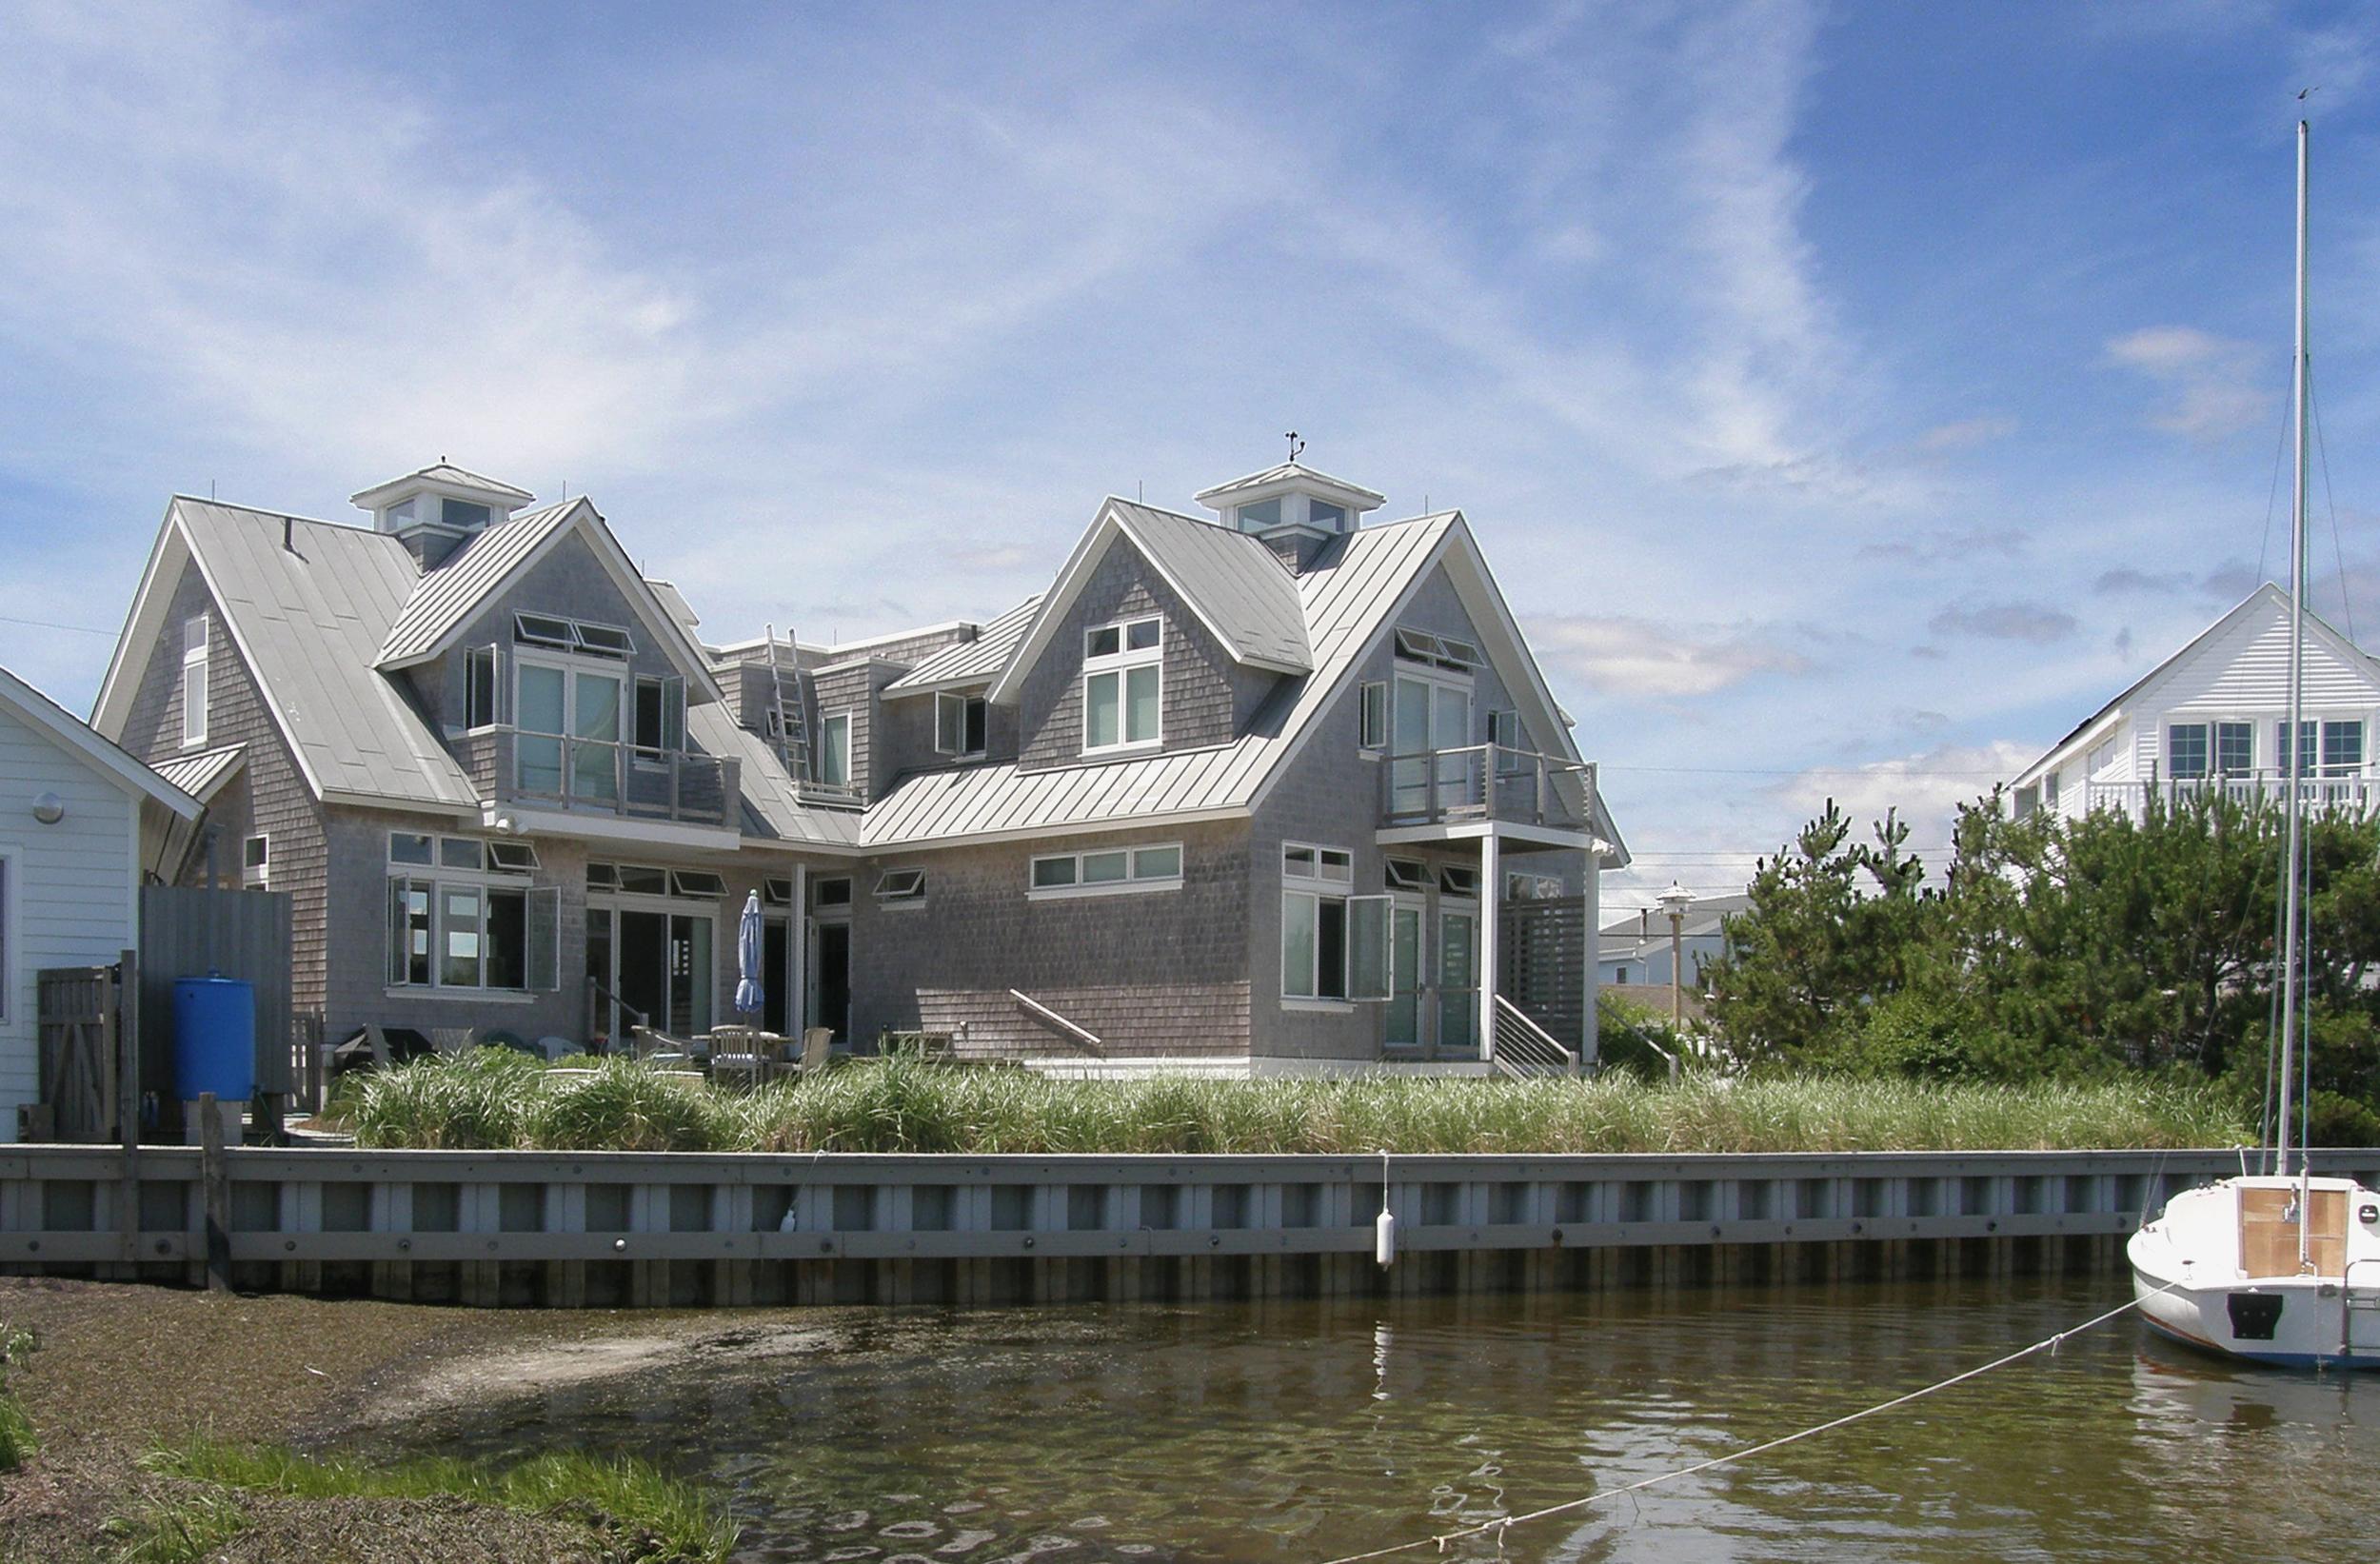 Pohanka / Madden Residence (2007)